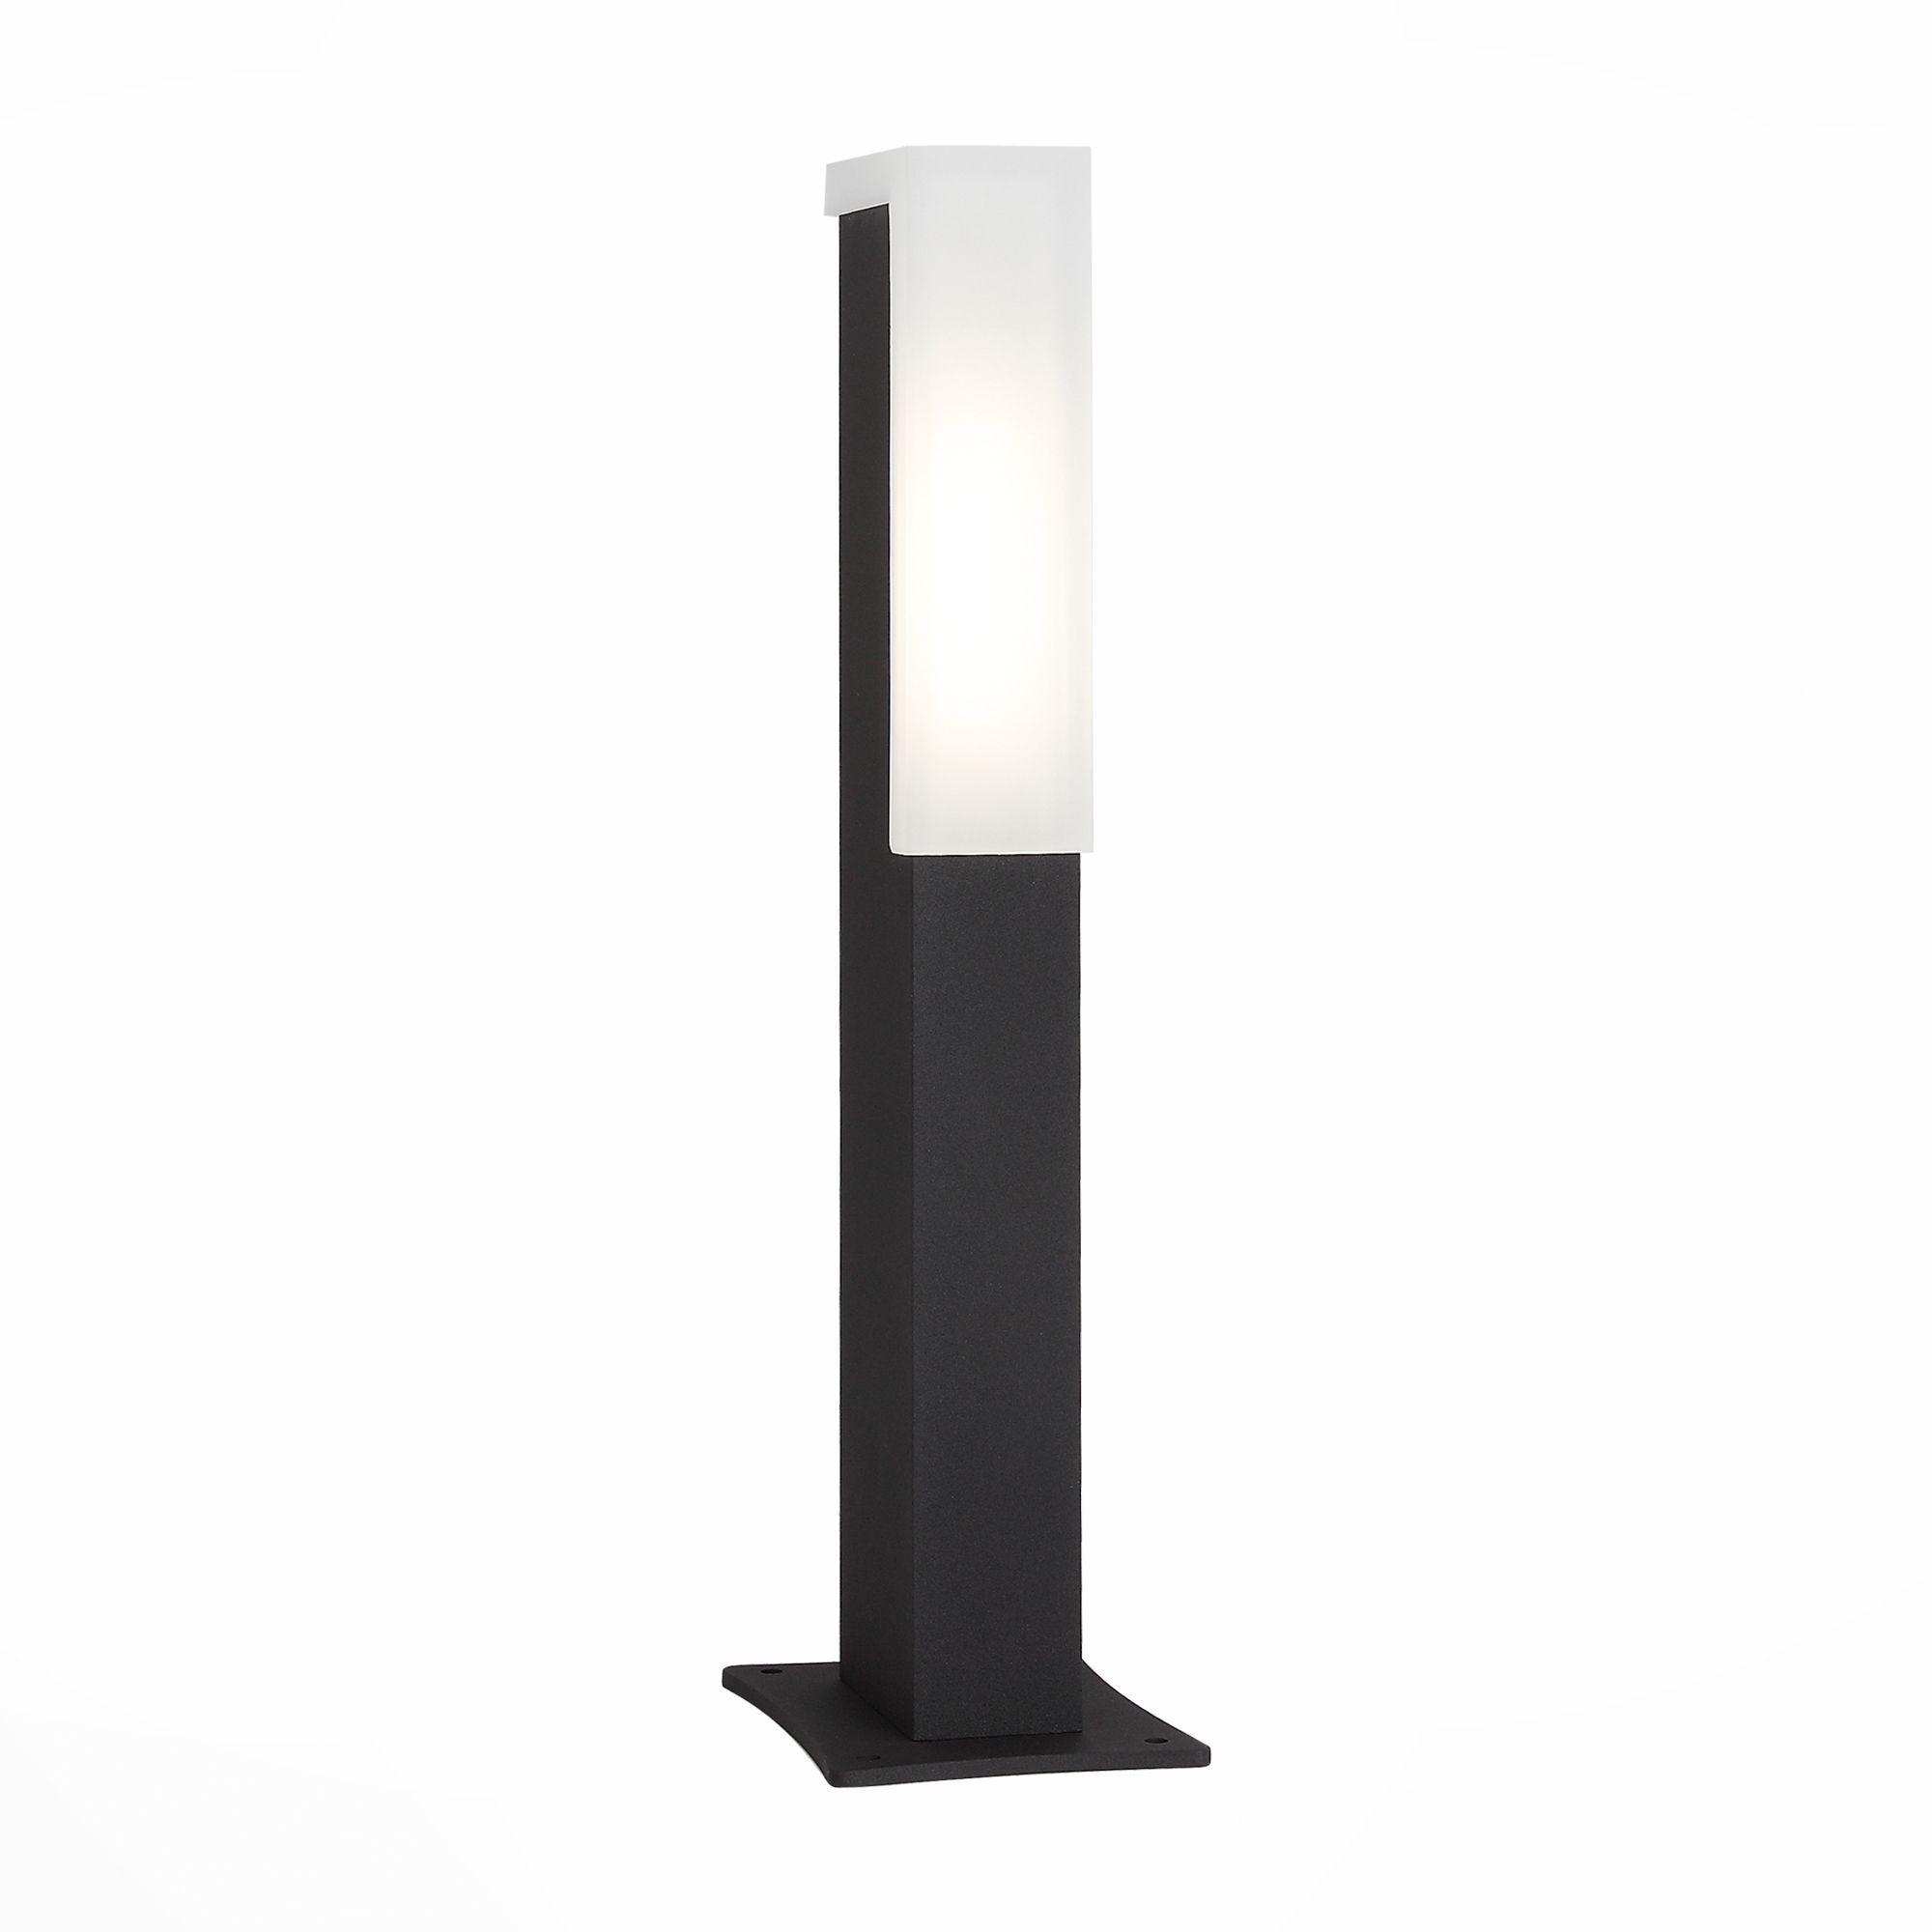 Светильник уличный наземный ST-Luce Черный/Белый LED 2*2W SL096.405.02